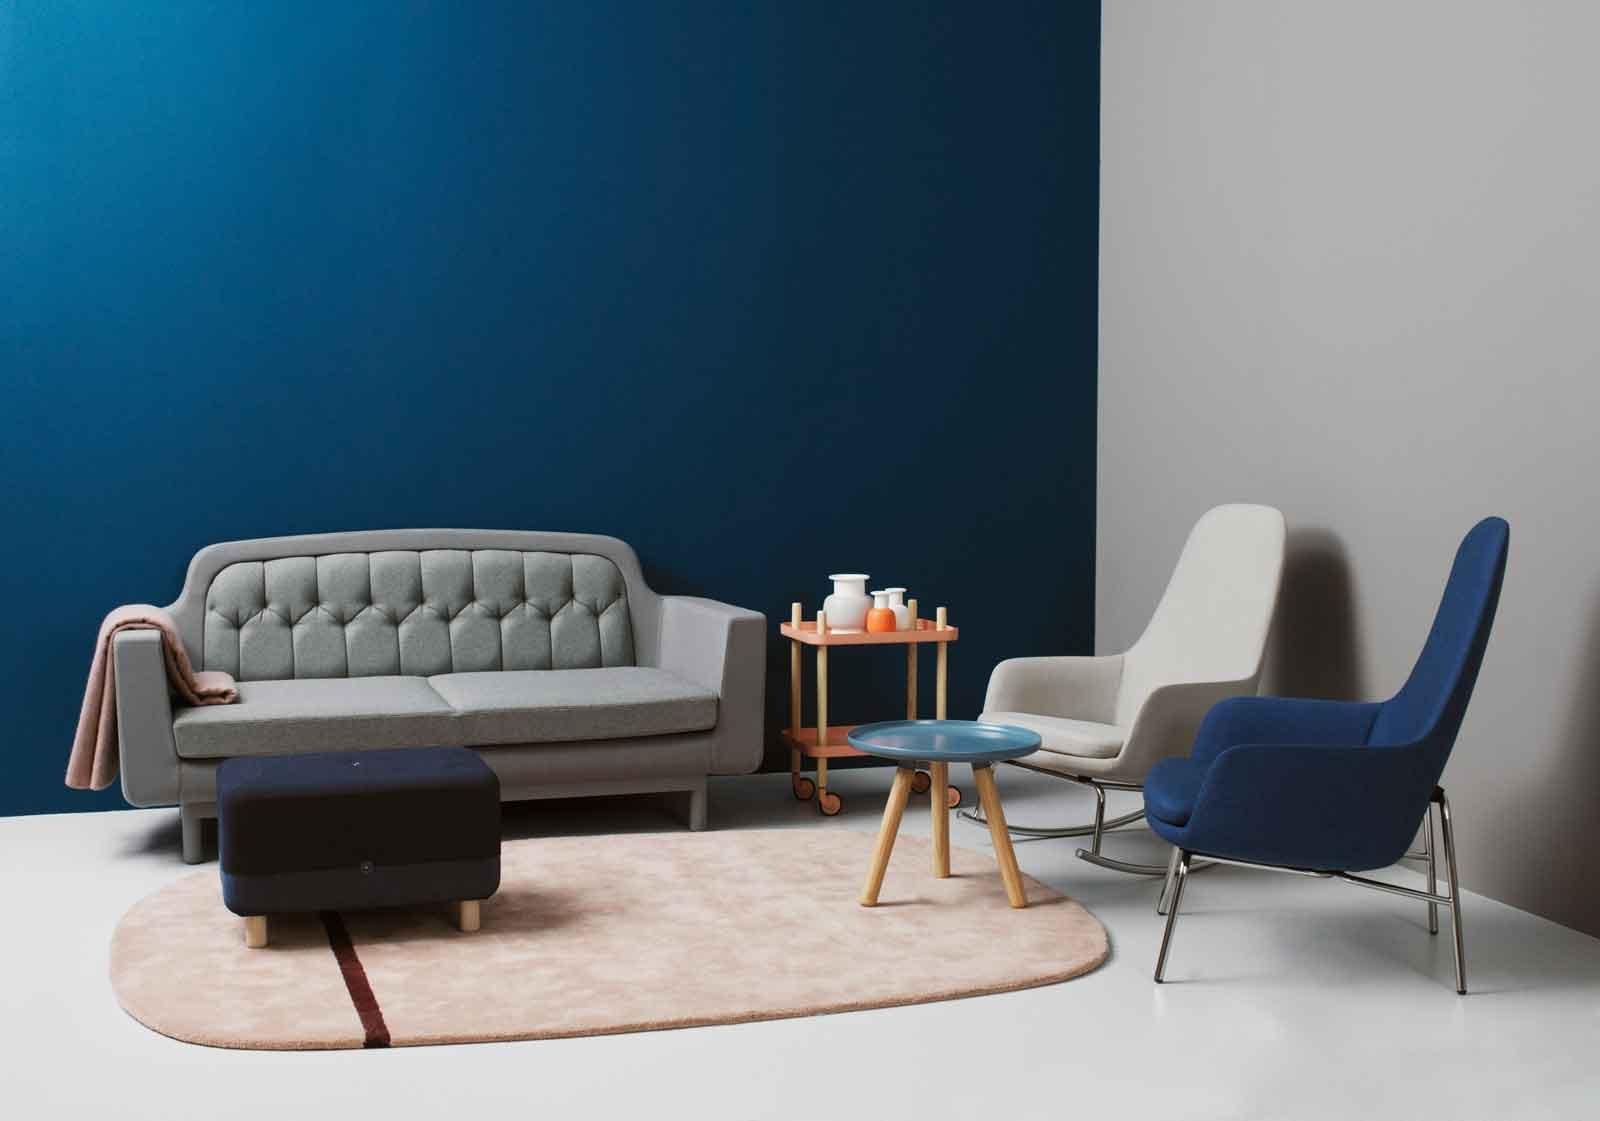 tendenza anni 39 50 per arredare con uno stile intramontabile cose di casa. Black Bedroom Furniture Sets. Home Design Ideas